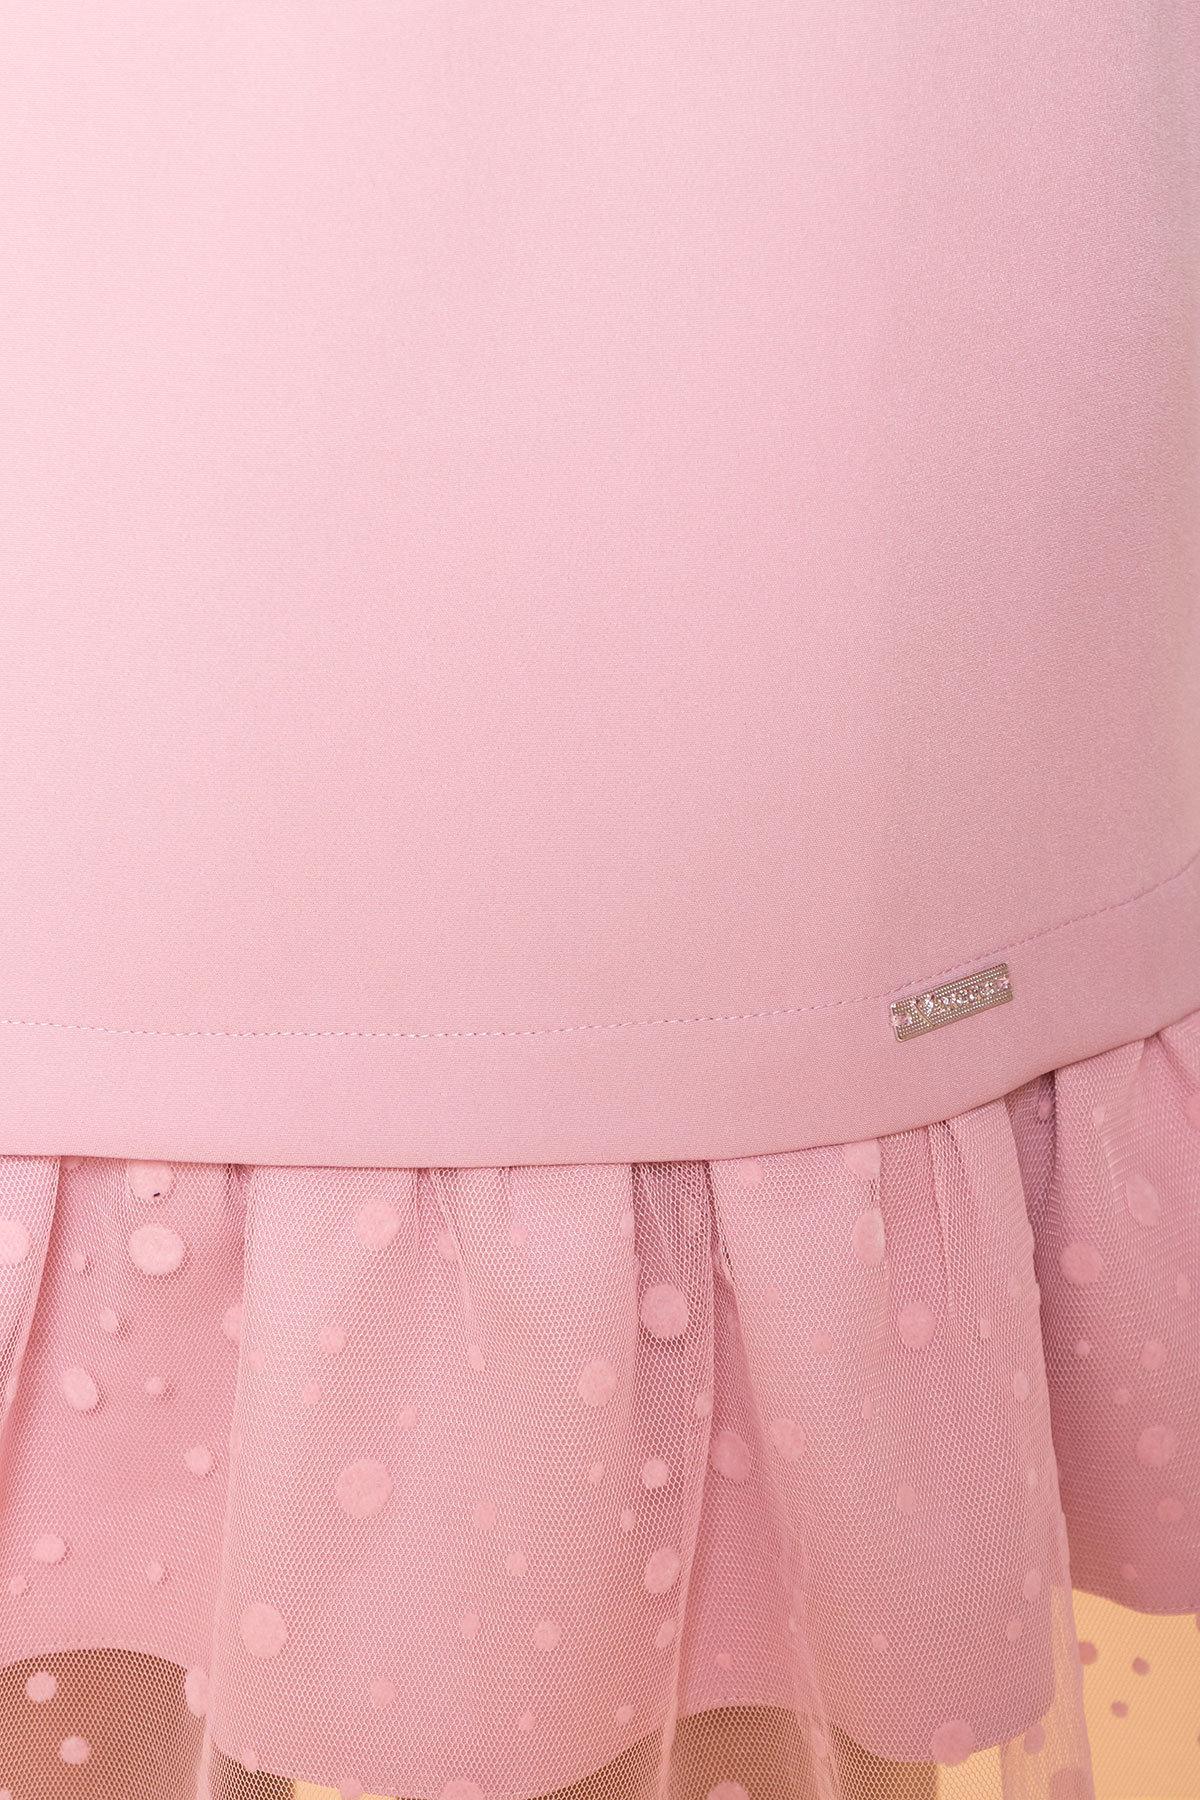 Платье Грейси 5949 АРТ. 41719 Цвет: Пудра 138 - фото 4, интернет магазин tm-modus.ru